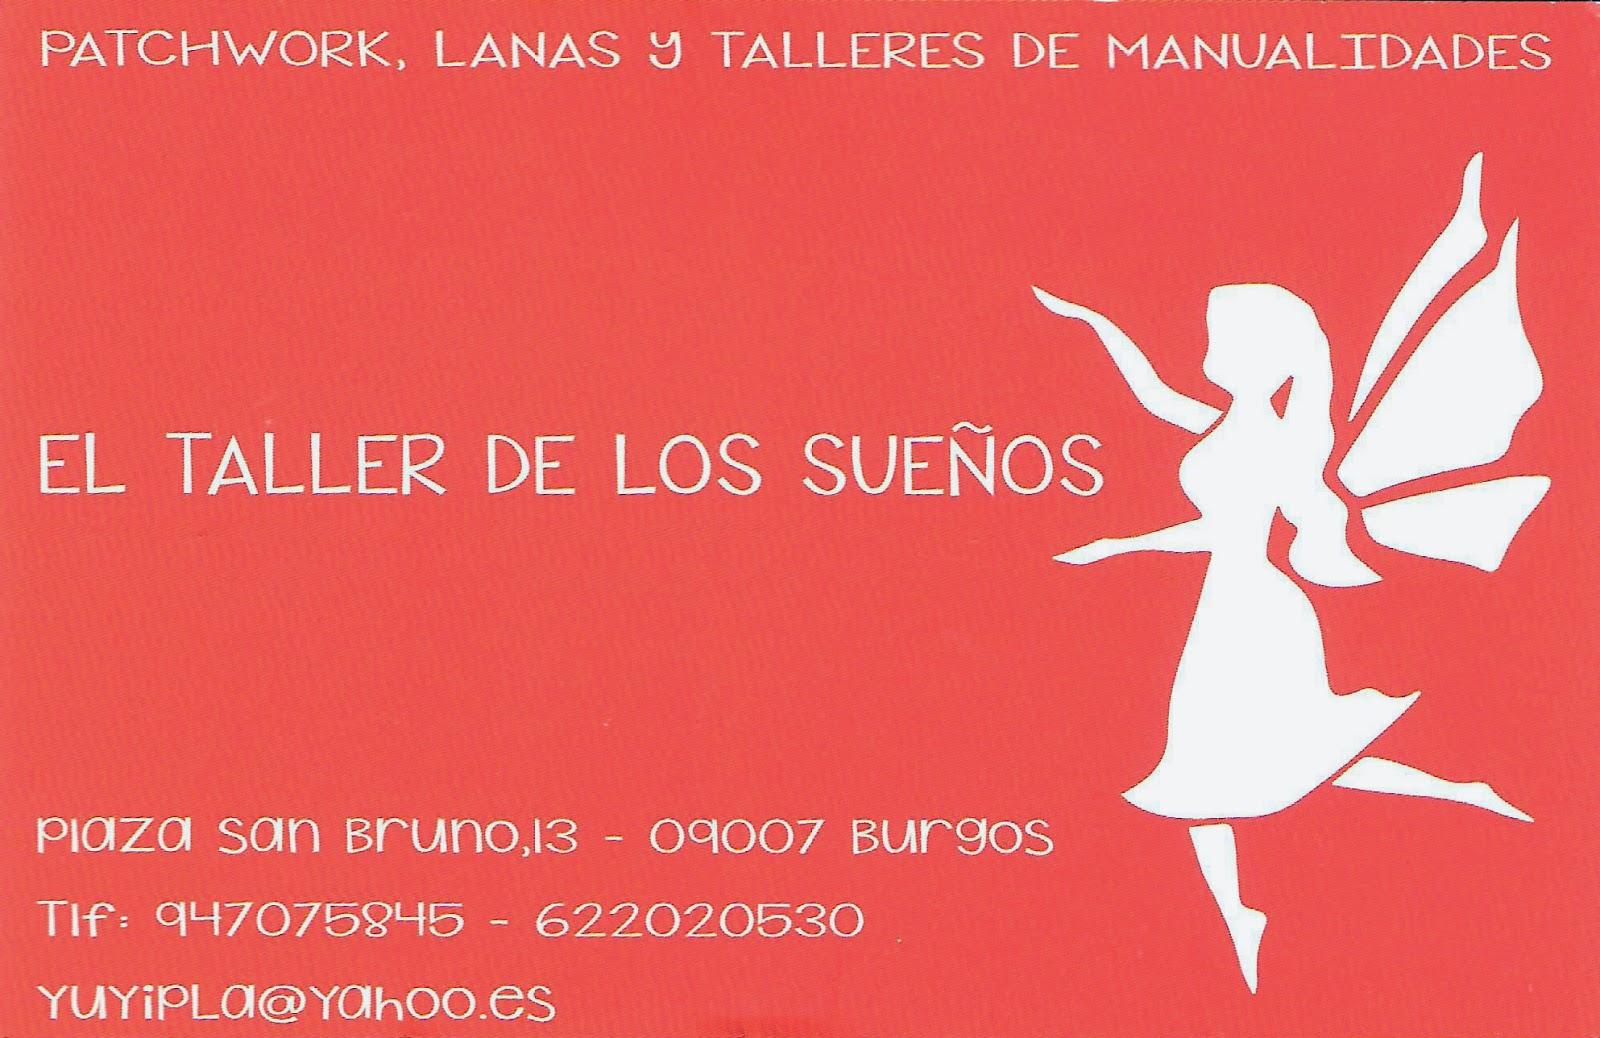 https://www.facebook.com/pages/El-taller-de-los-sue%C3%B1os/602577983185146?fref=ts